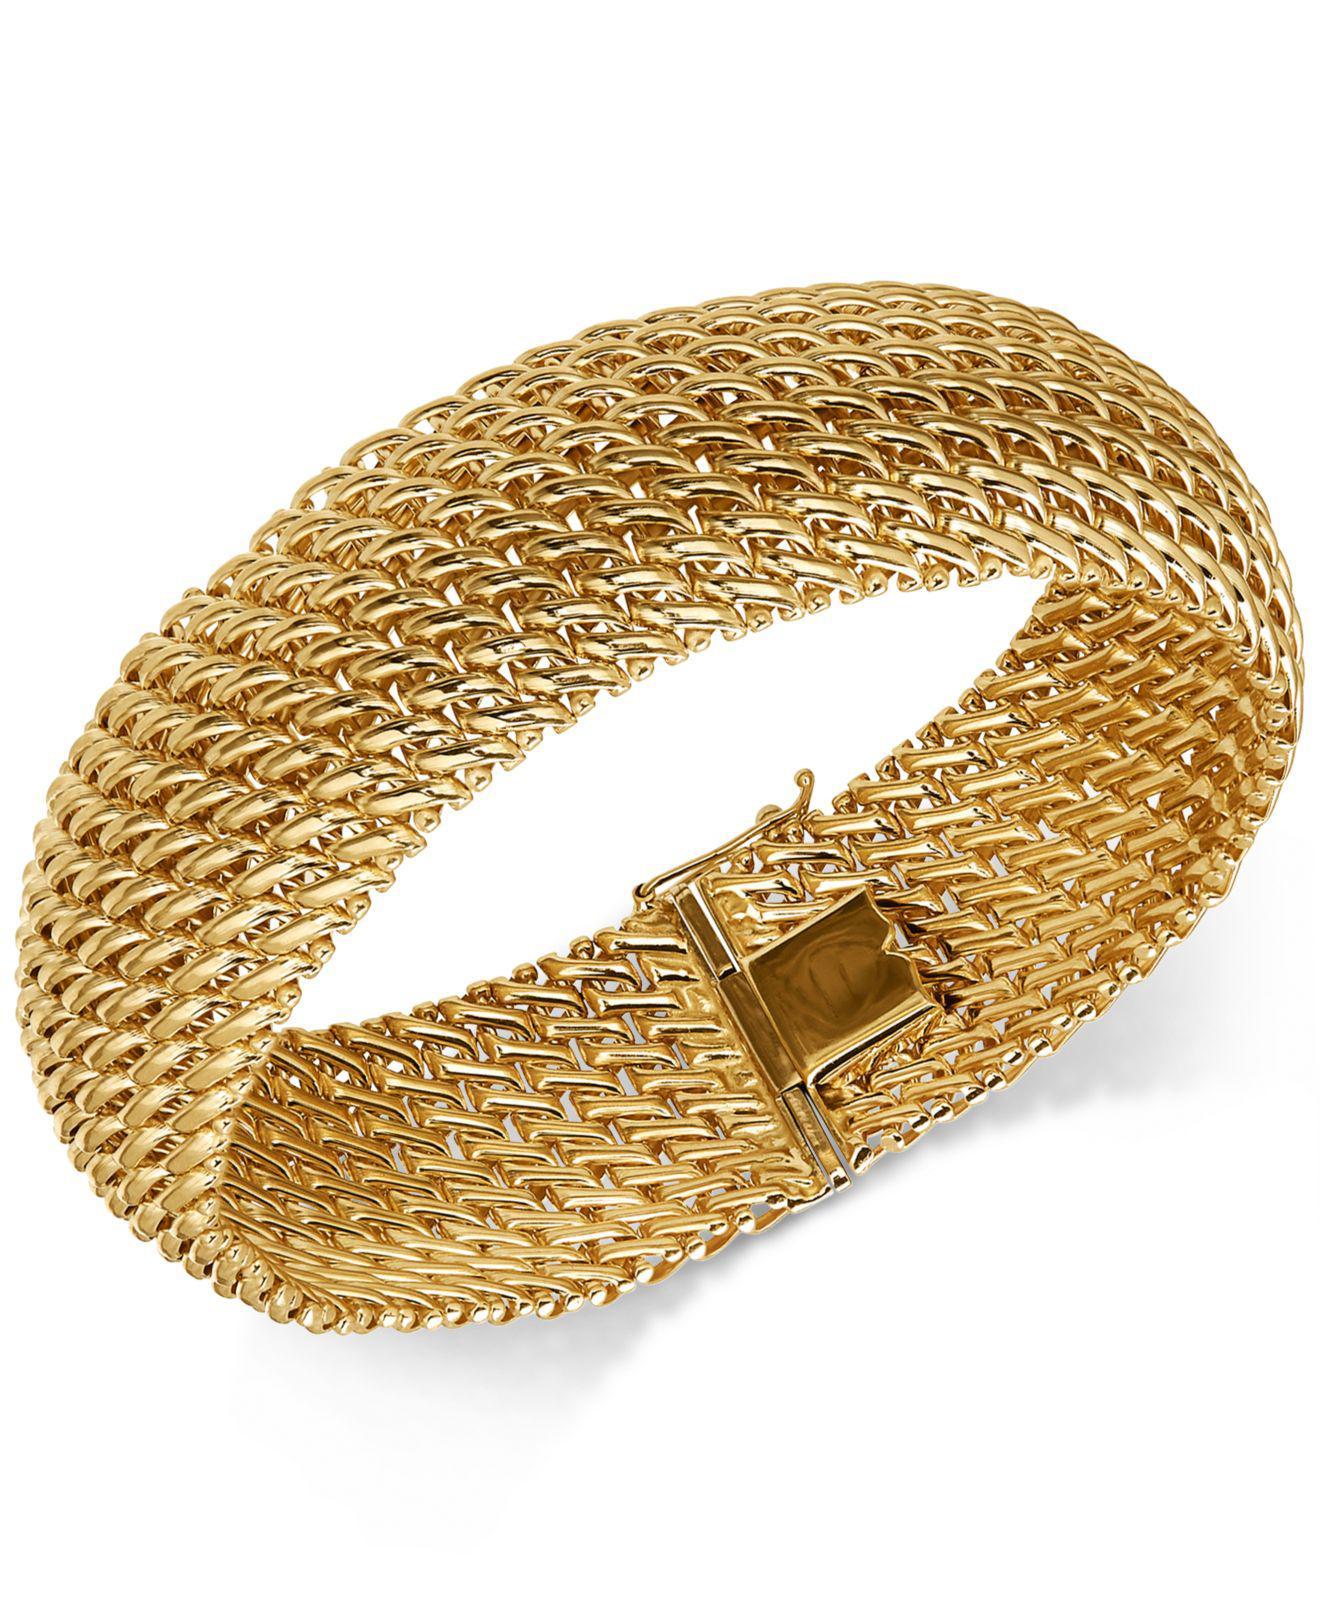 57f798ca6307 Lyst - Macy s Wide Riso Link Bracelet In 14k Gold in Metallic